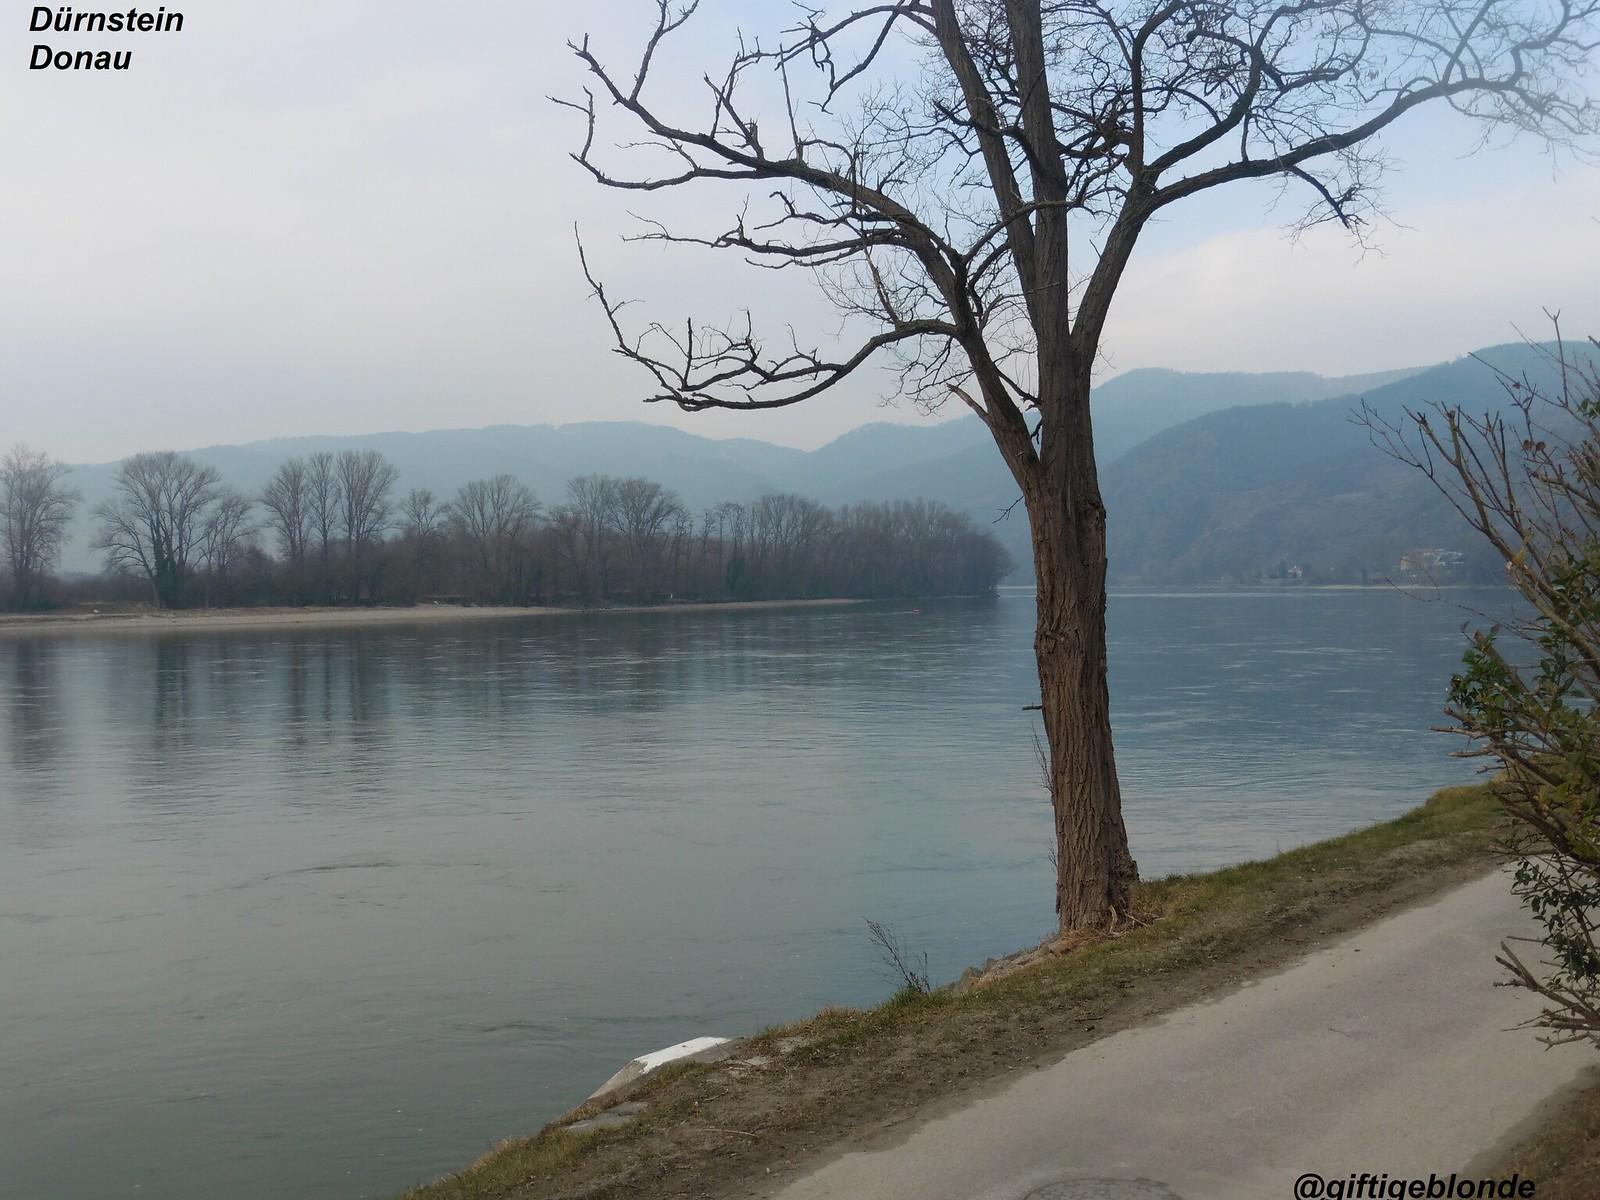 Dürnstein, Donau, Wachau